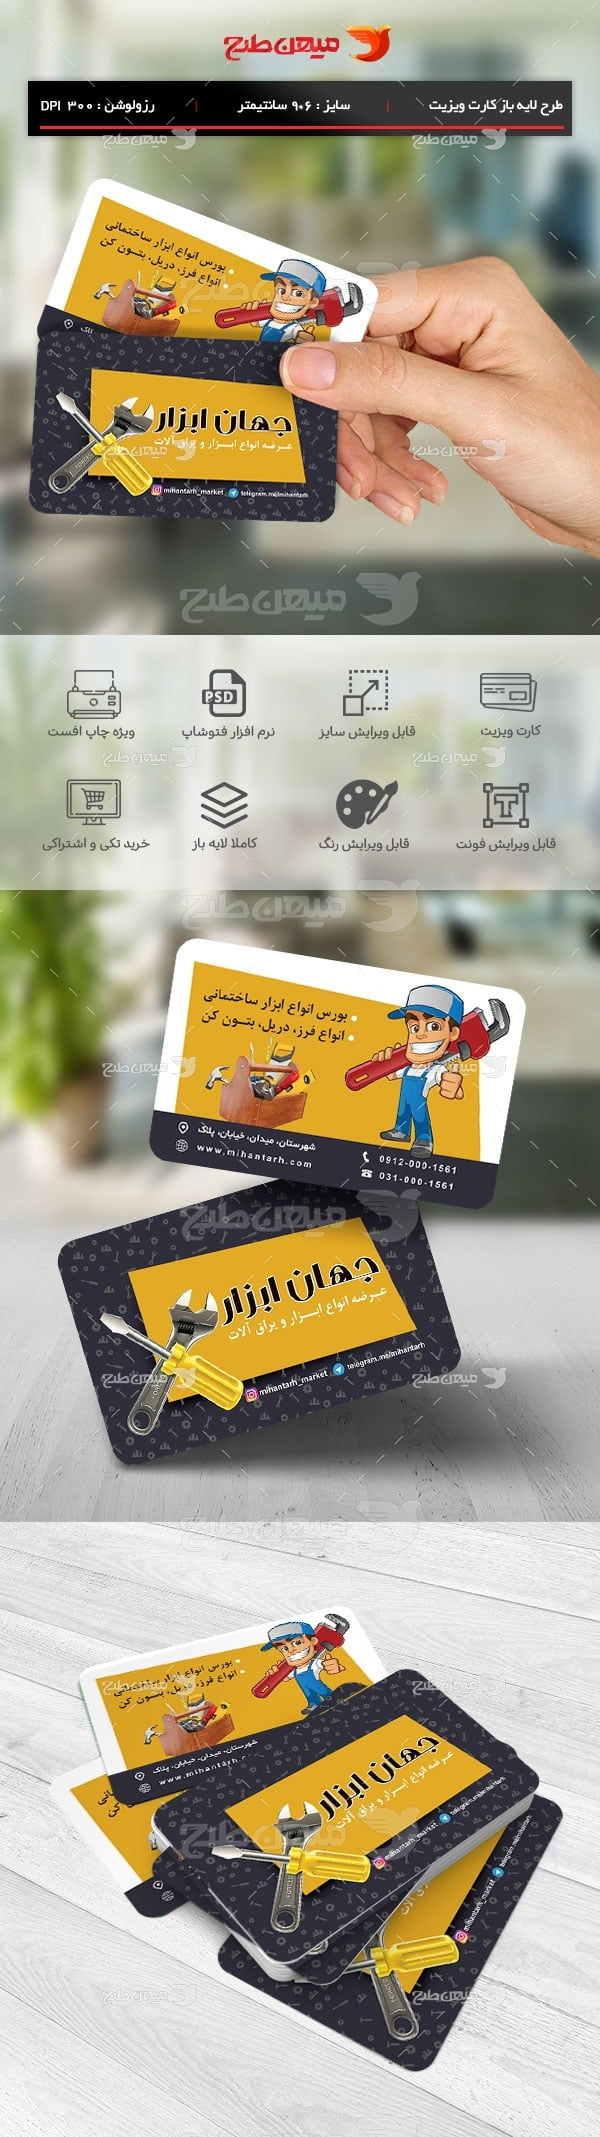 طرح لایه باز کارت ویزیت جهان ابزار